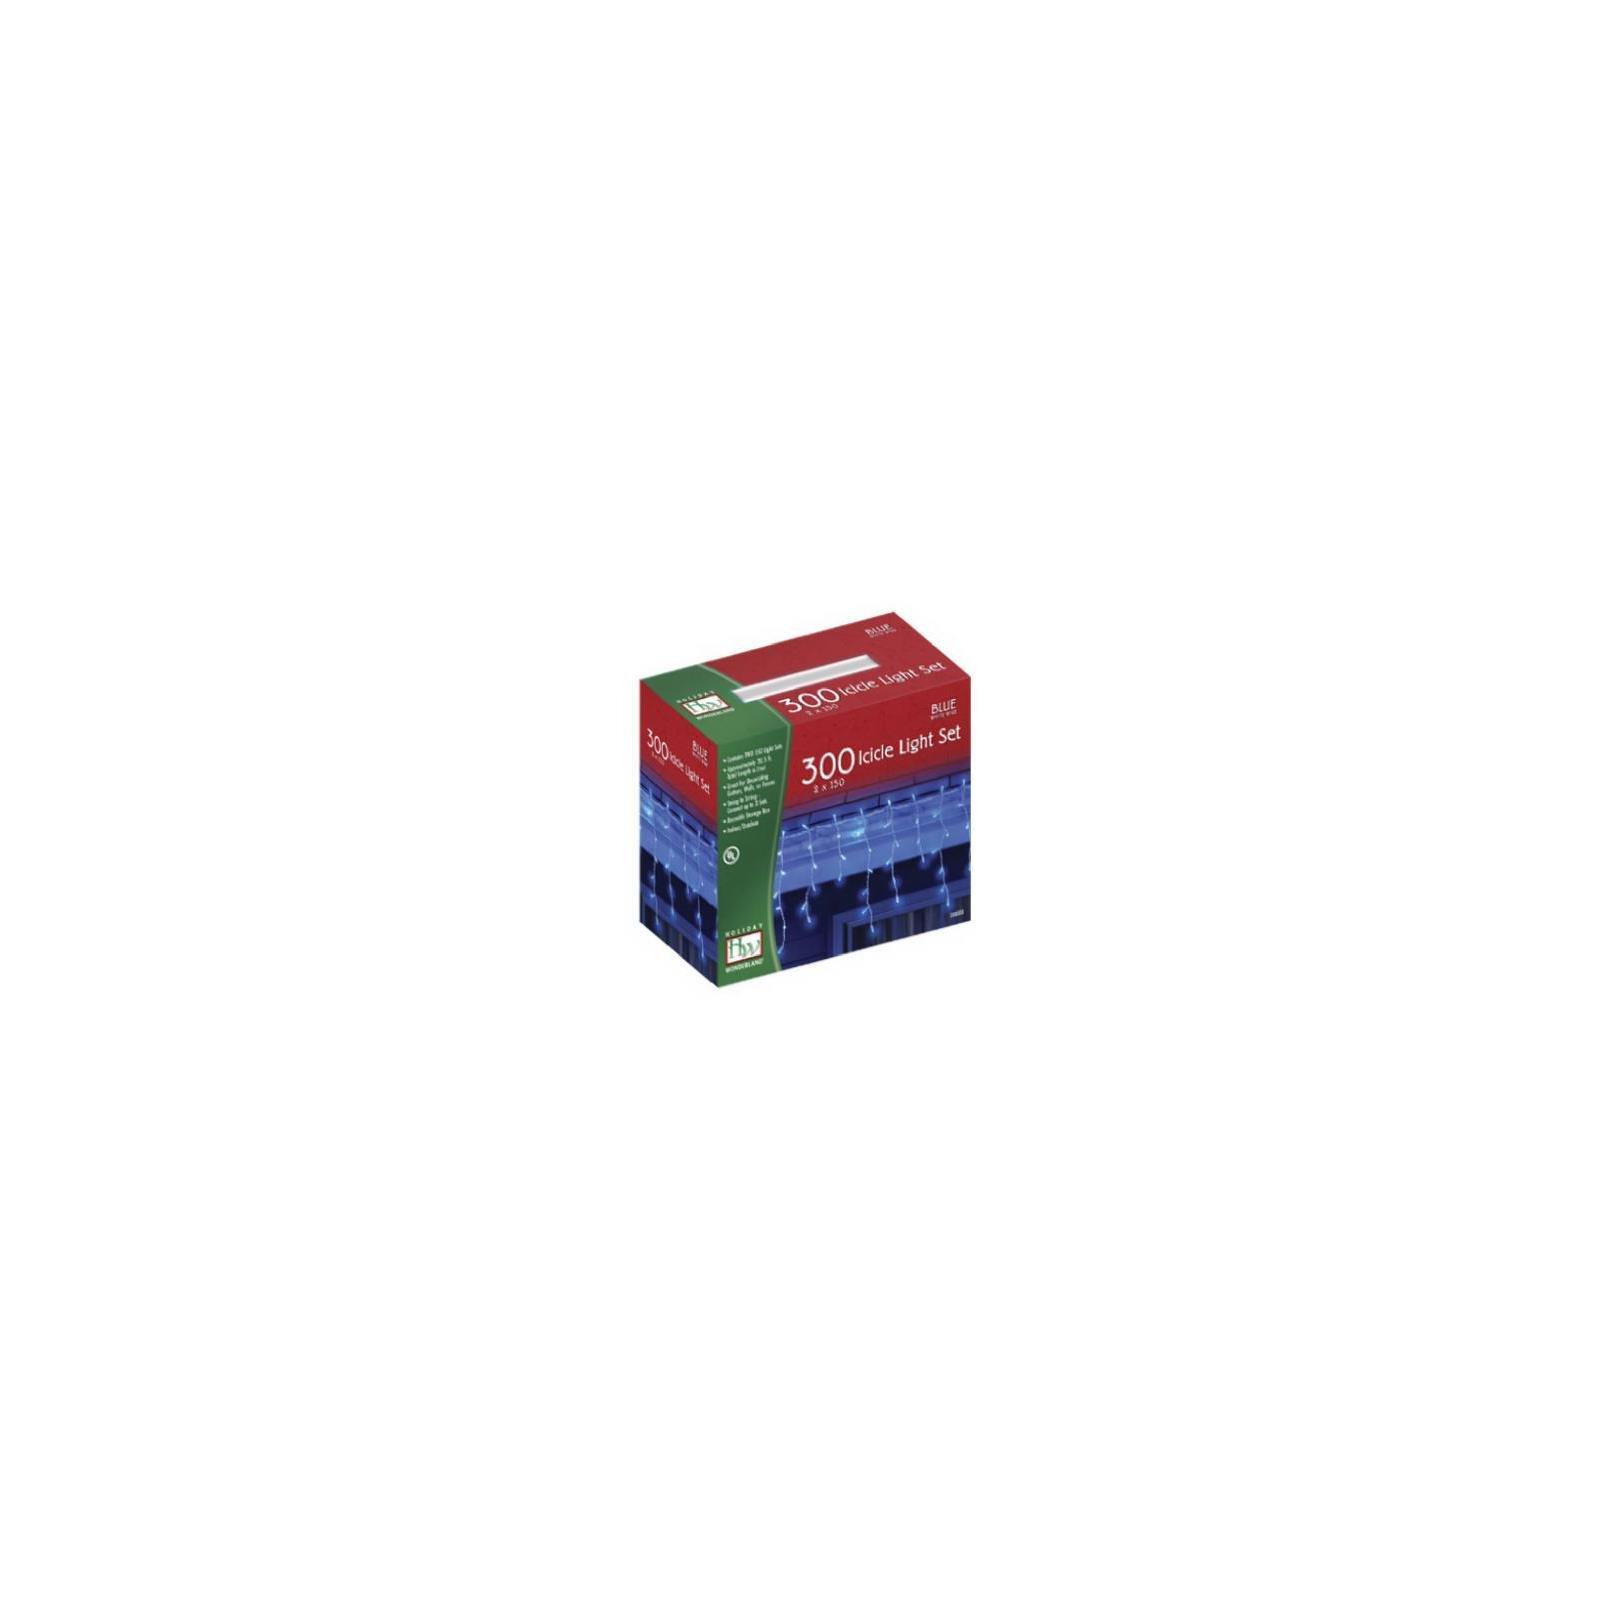 Noma #14087-88 HW2x150 Blue Icicle Set by Noma/Inliten (Image #1)